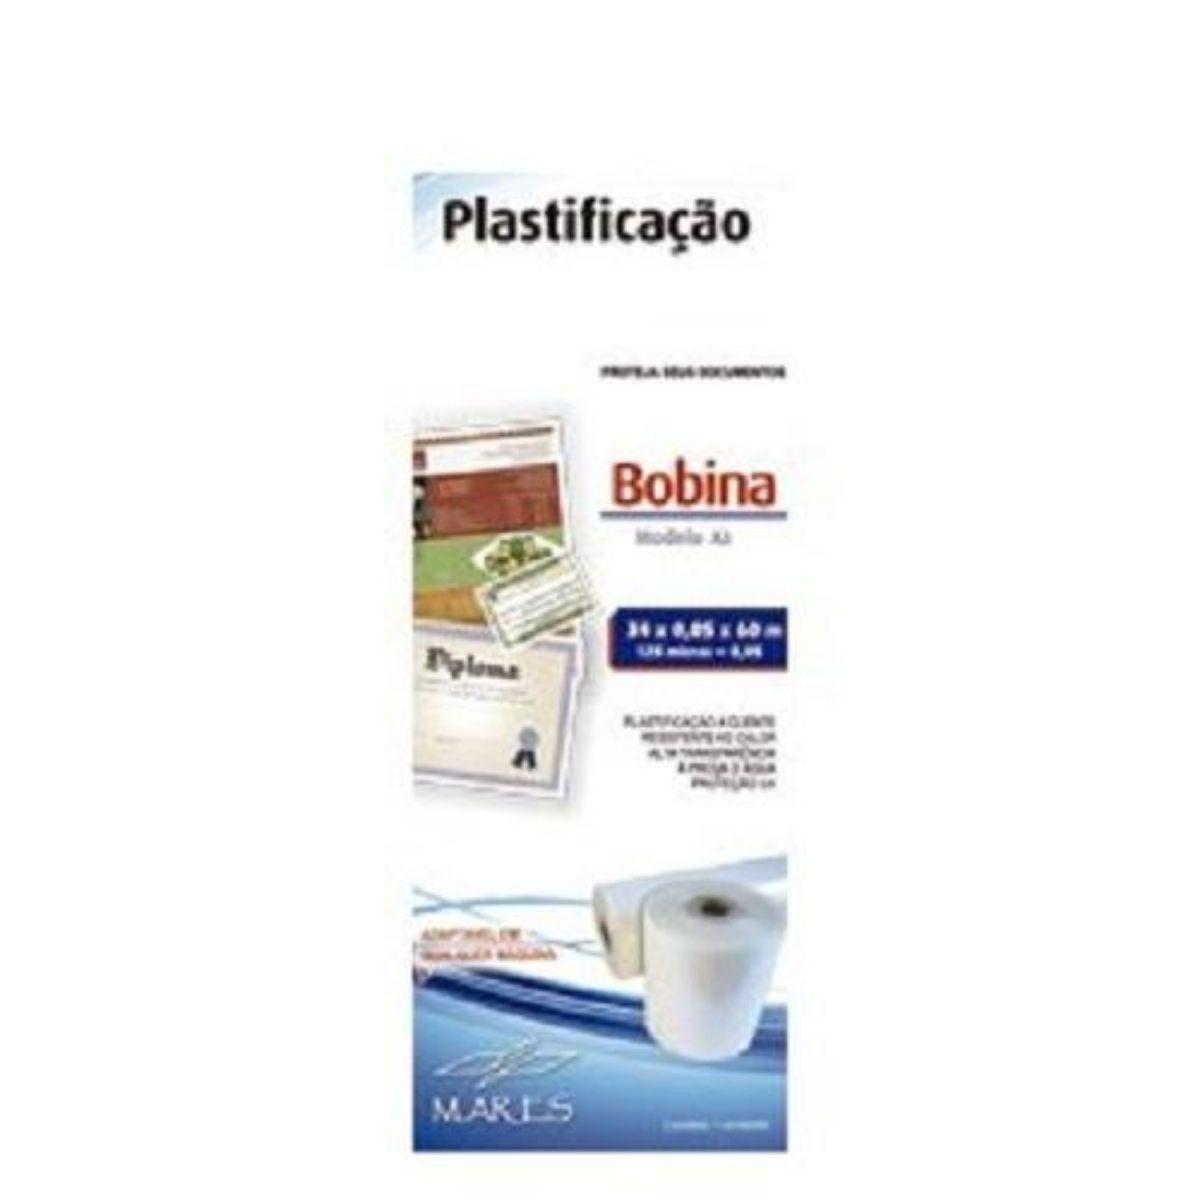 Bobina para Plastificação A3 34cm x 60M x 0,05mm (125 micras)  - Click Suprimentos